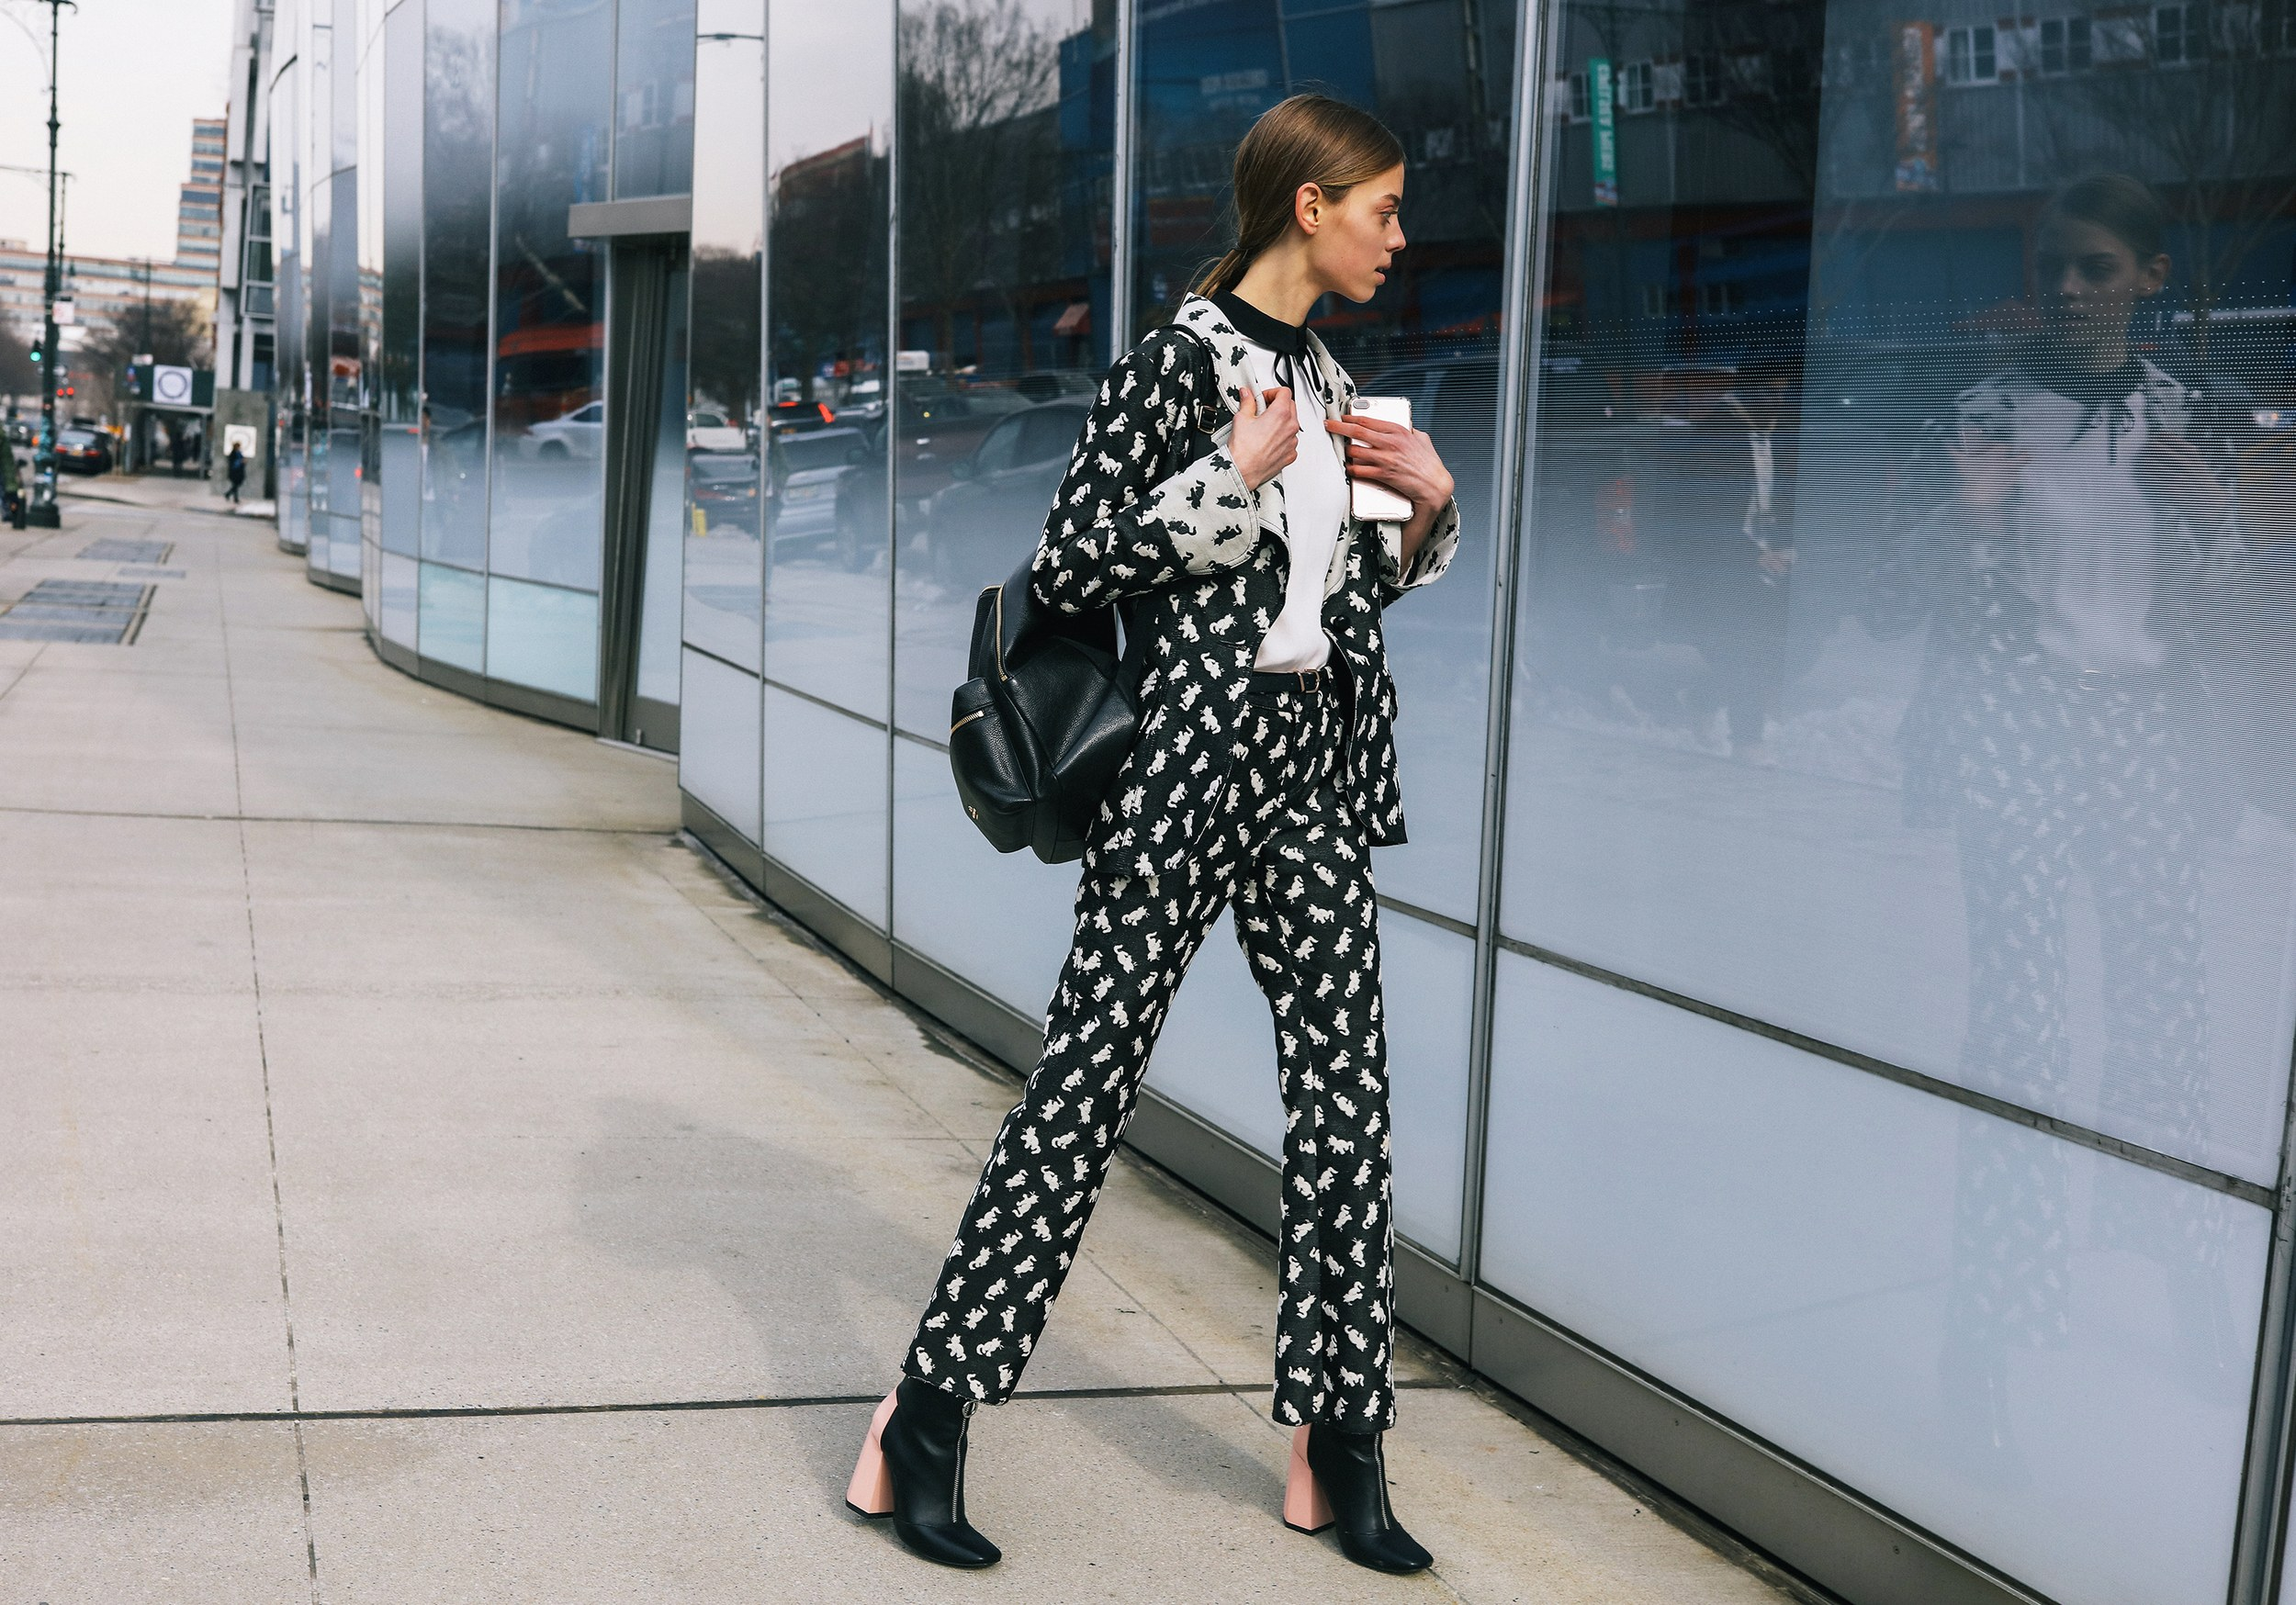 Chiêm ngưỡng đặc sản street style đẹp khó rời mắt tại Tuần lễ thời trang New York - Ảnh 20.